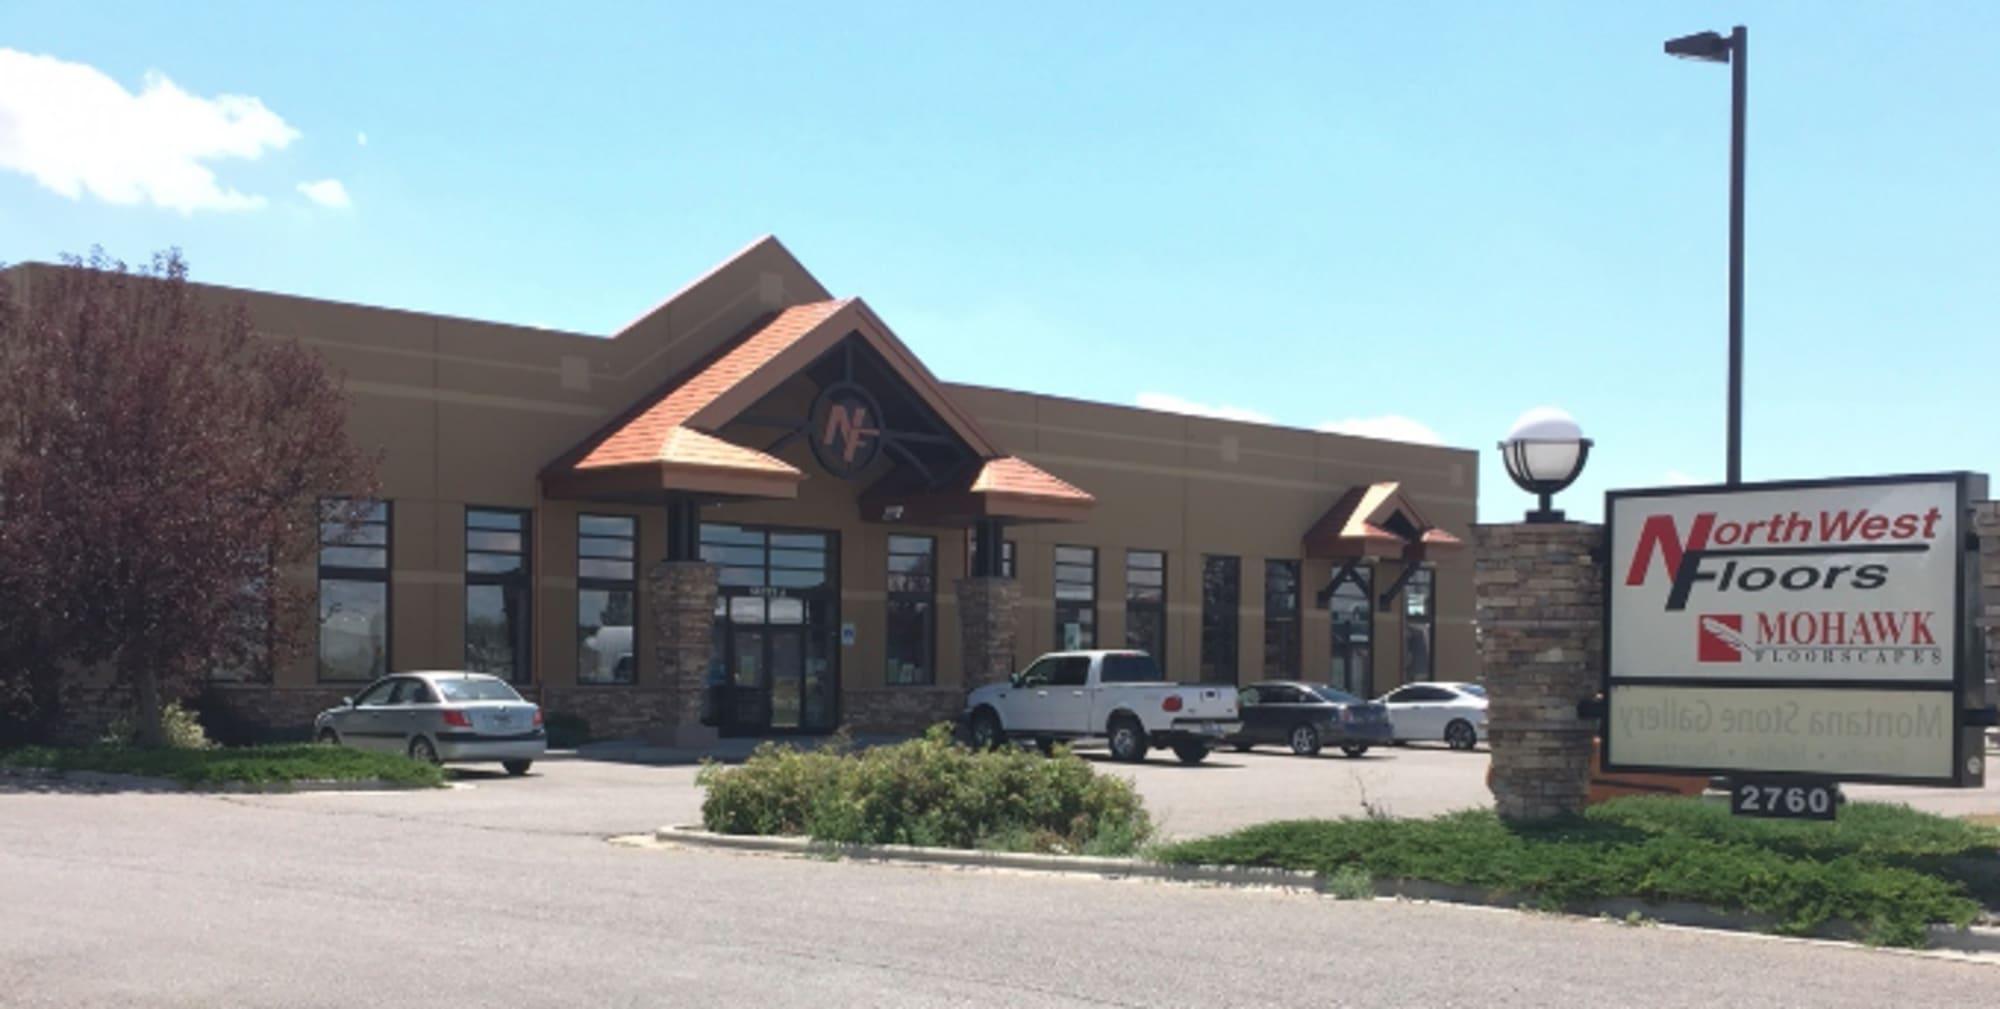 Northwest Floors - 2760 Gabel Rd Billings, MT 59102